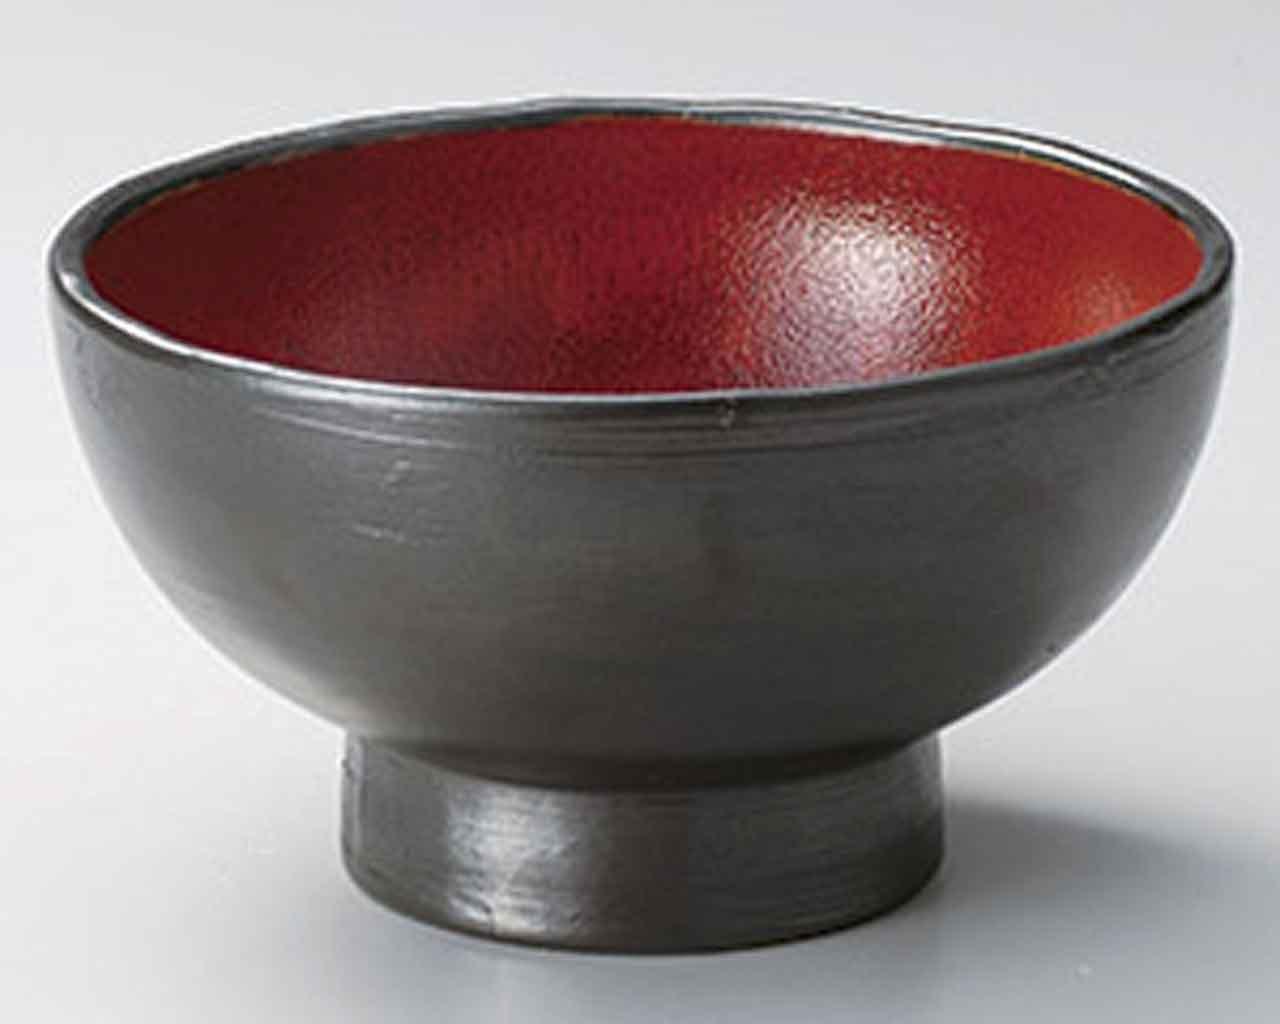 ジャパネスク 高台 9cm どんぶり5点セット 黒 陶器   B00RQ8V8S2